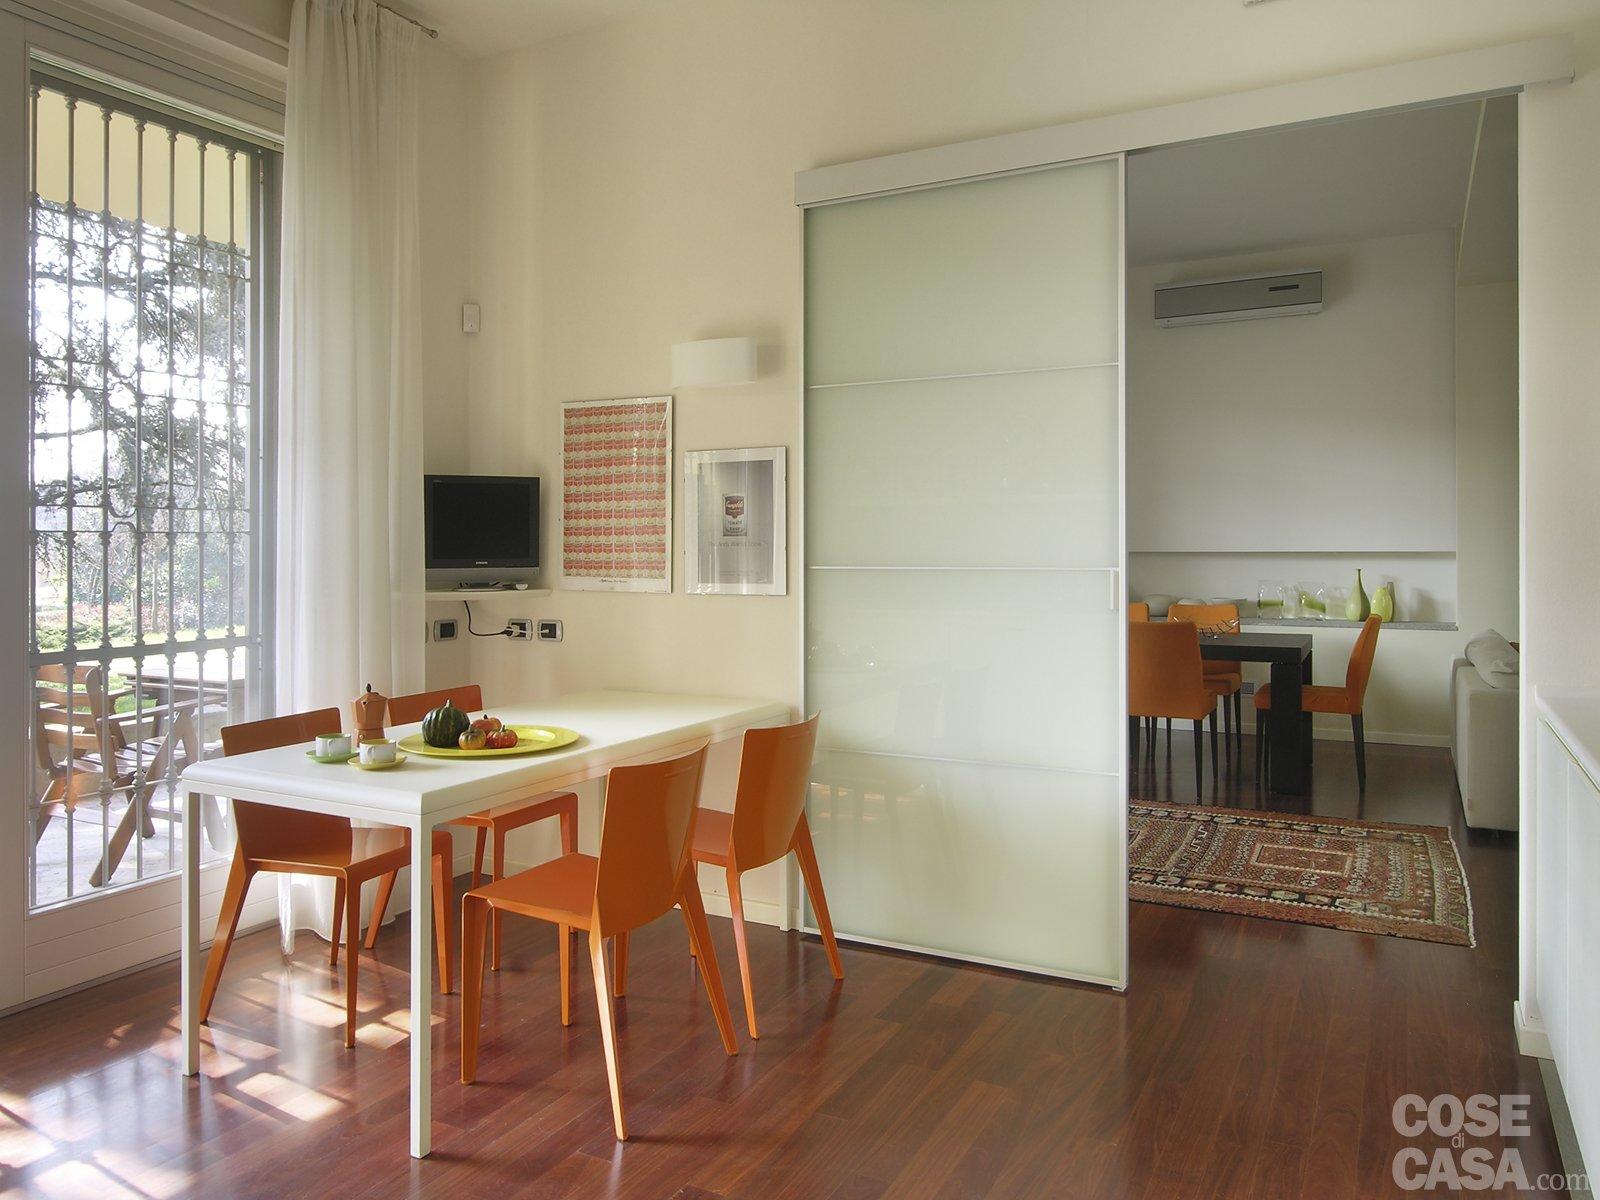 Una casa con tante idee da copiare cose di casa for Immagini di case arredate